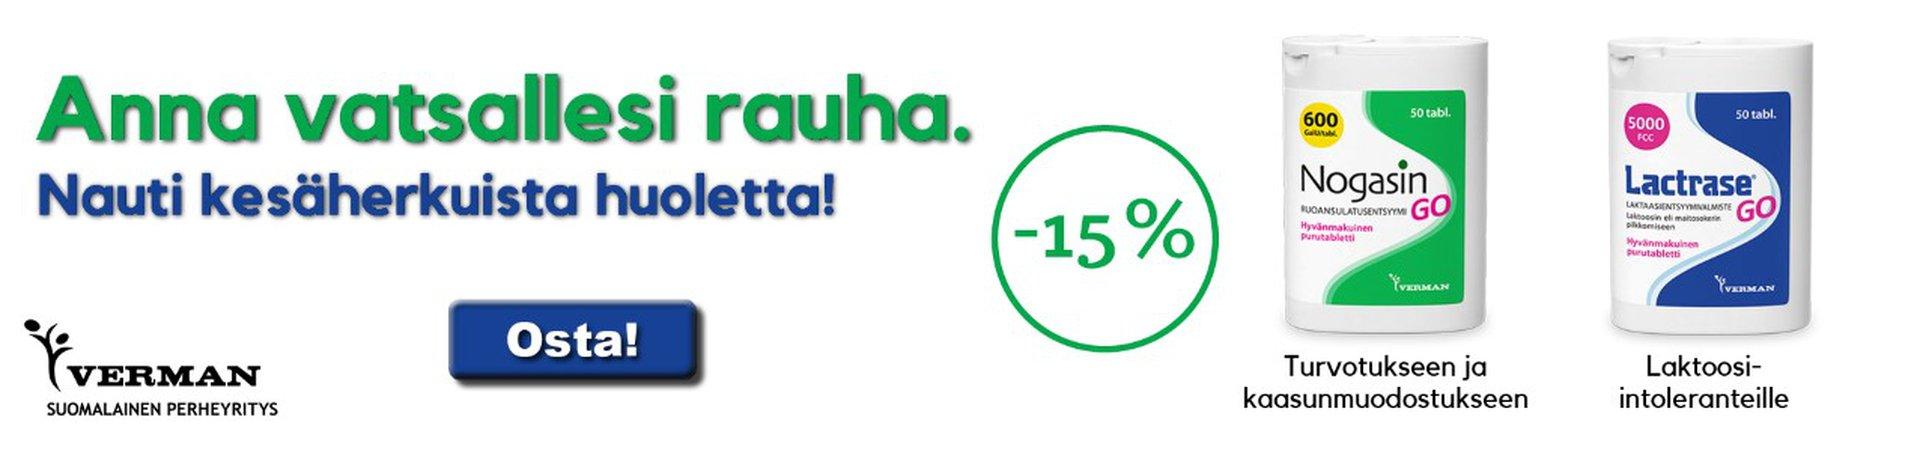 Nogasin Go ja Lactrase Go -15 % heinäkuussa